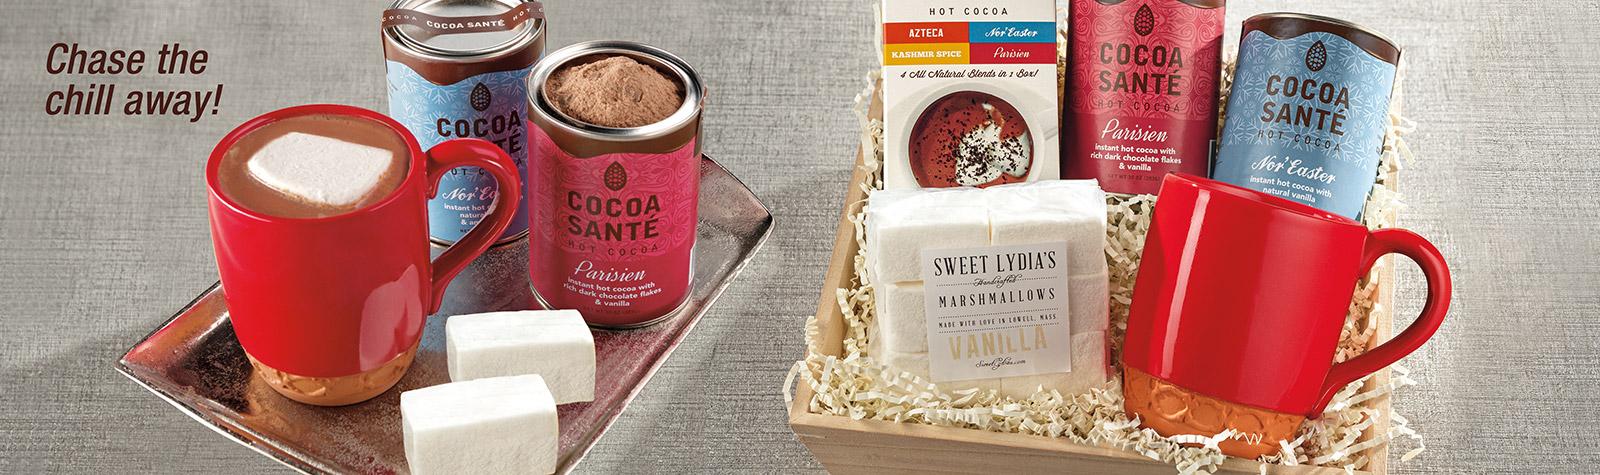 Cocoa Sante hot cocoa